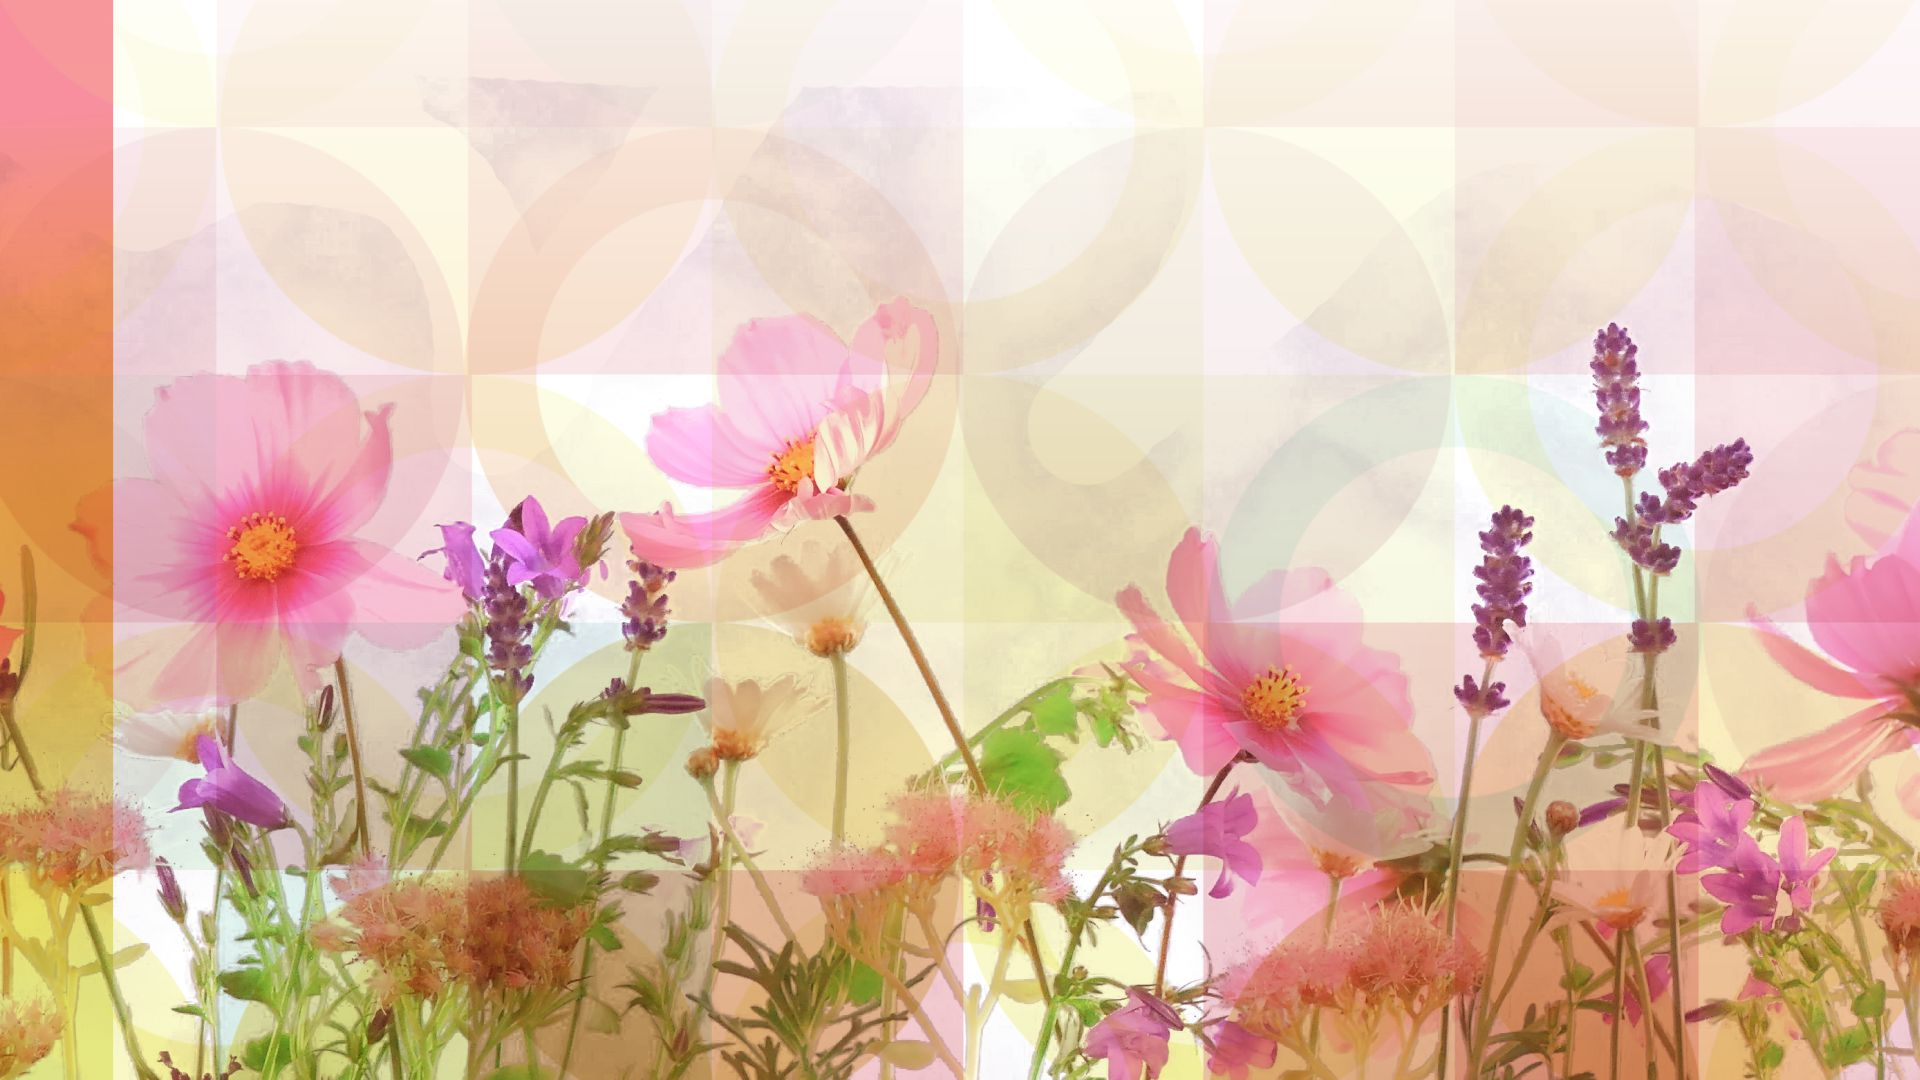 flores en primavera, alergia y depilacion laser